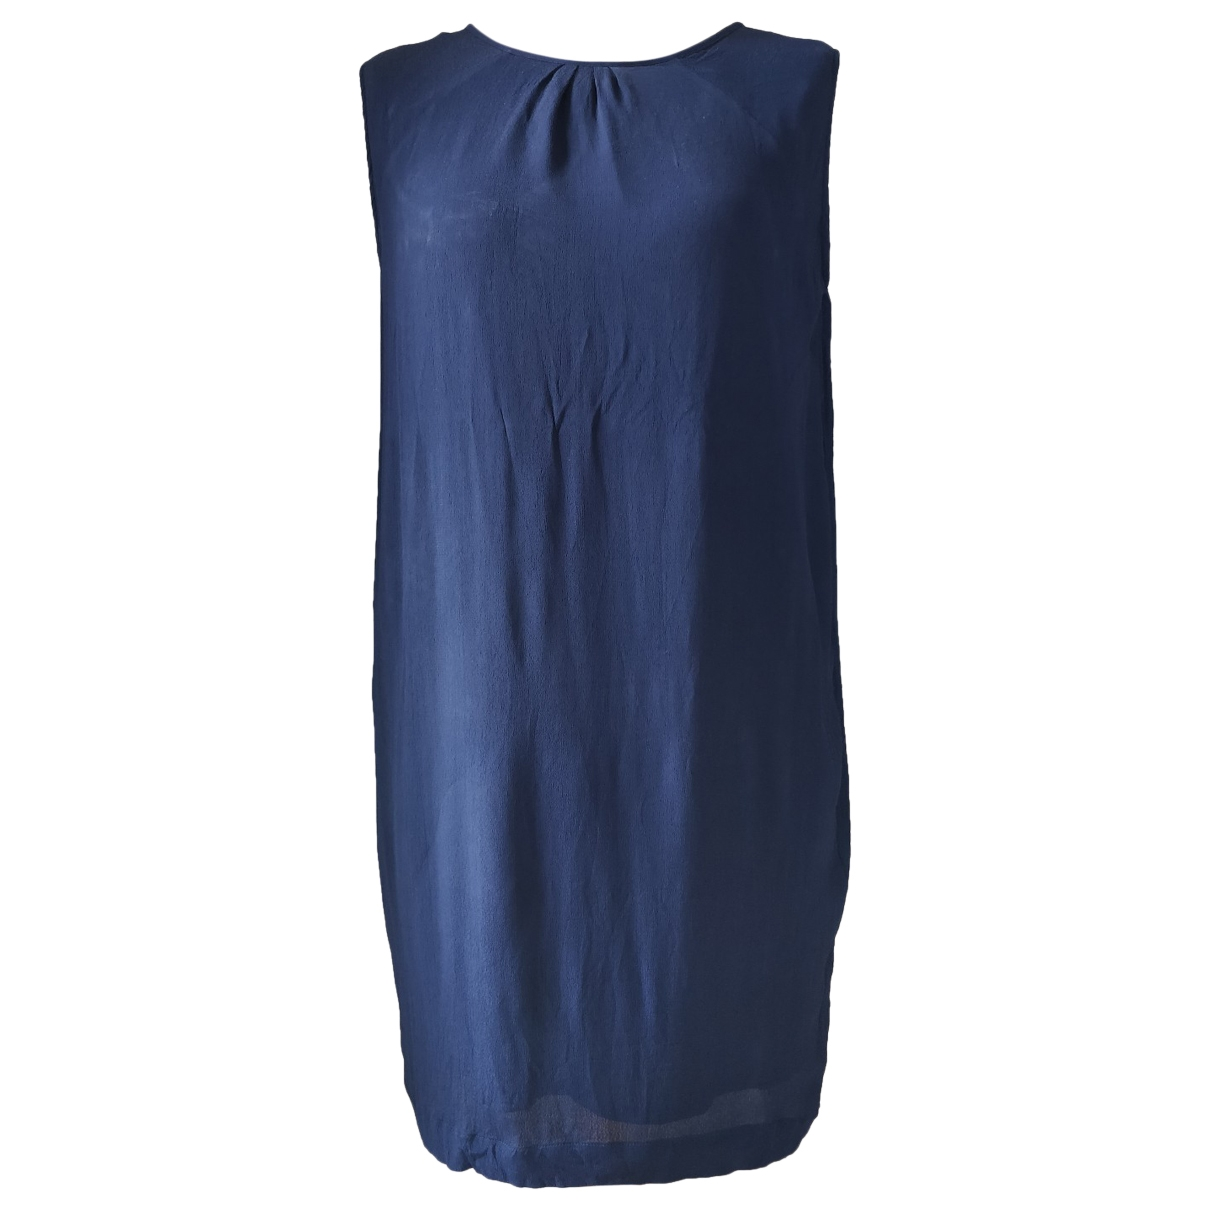 Sessun \N Blue dress for Women M International